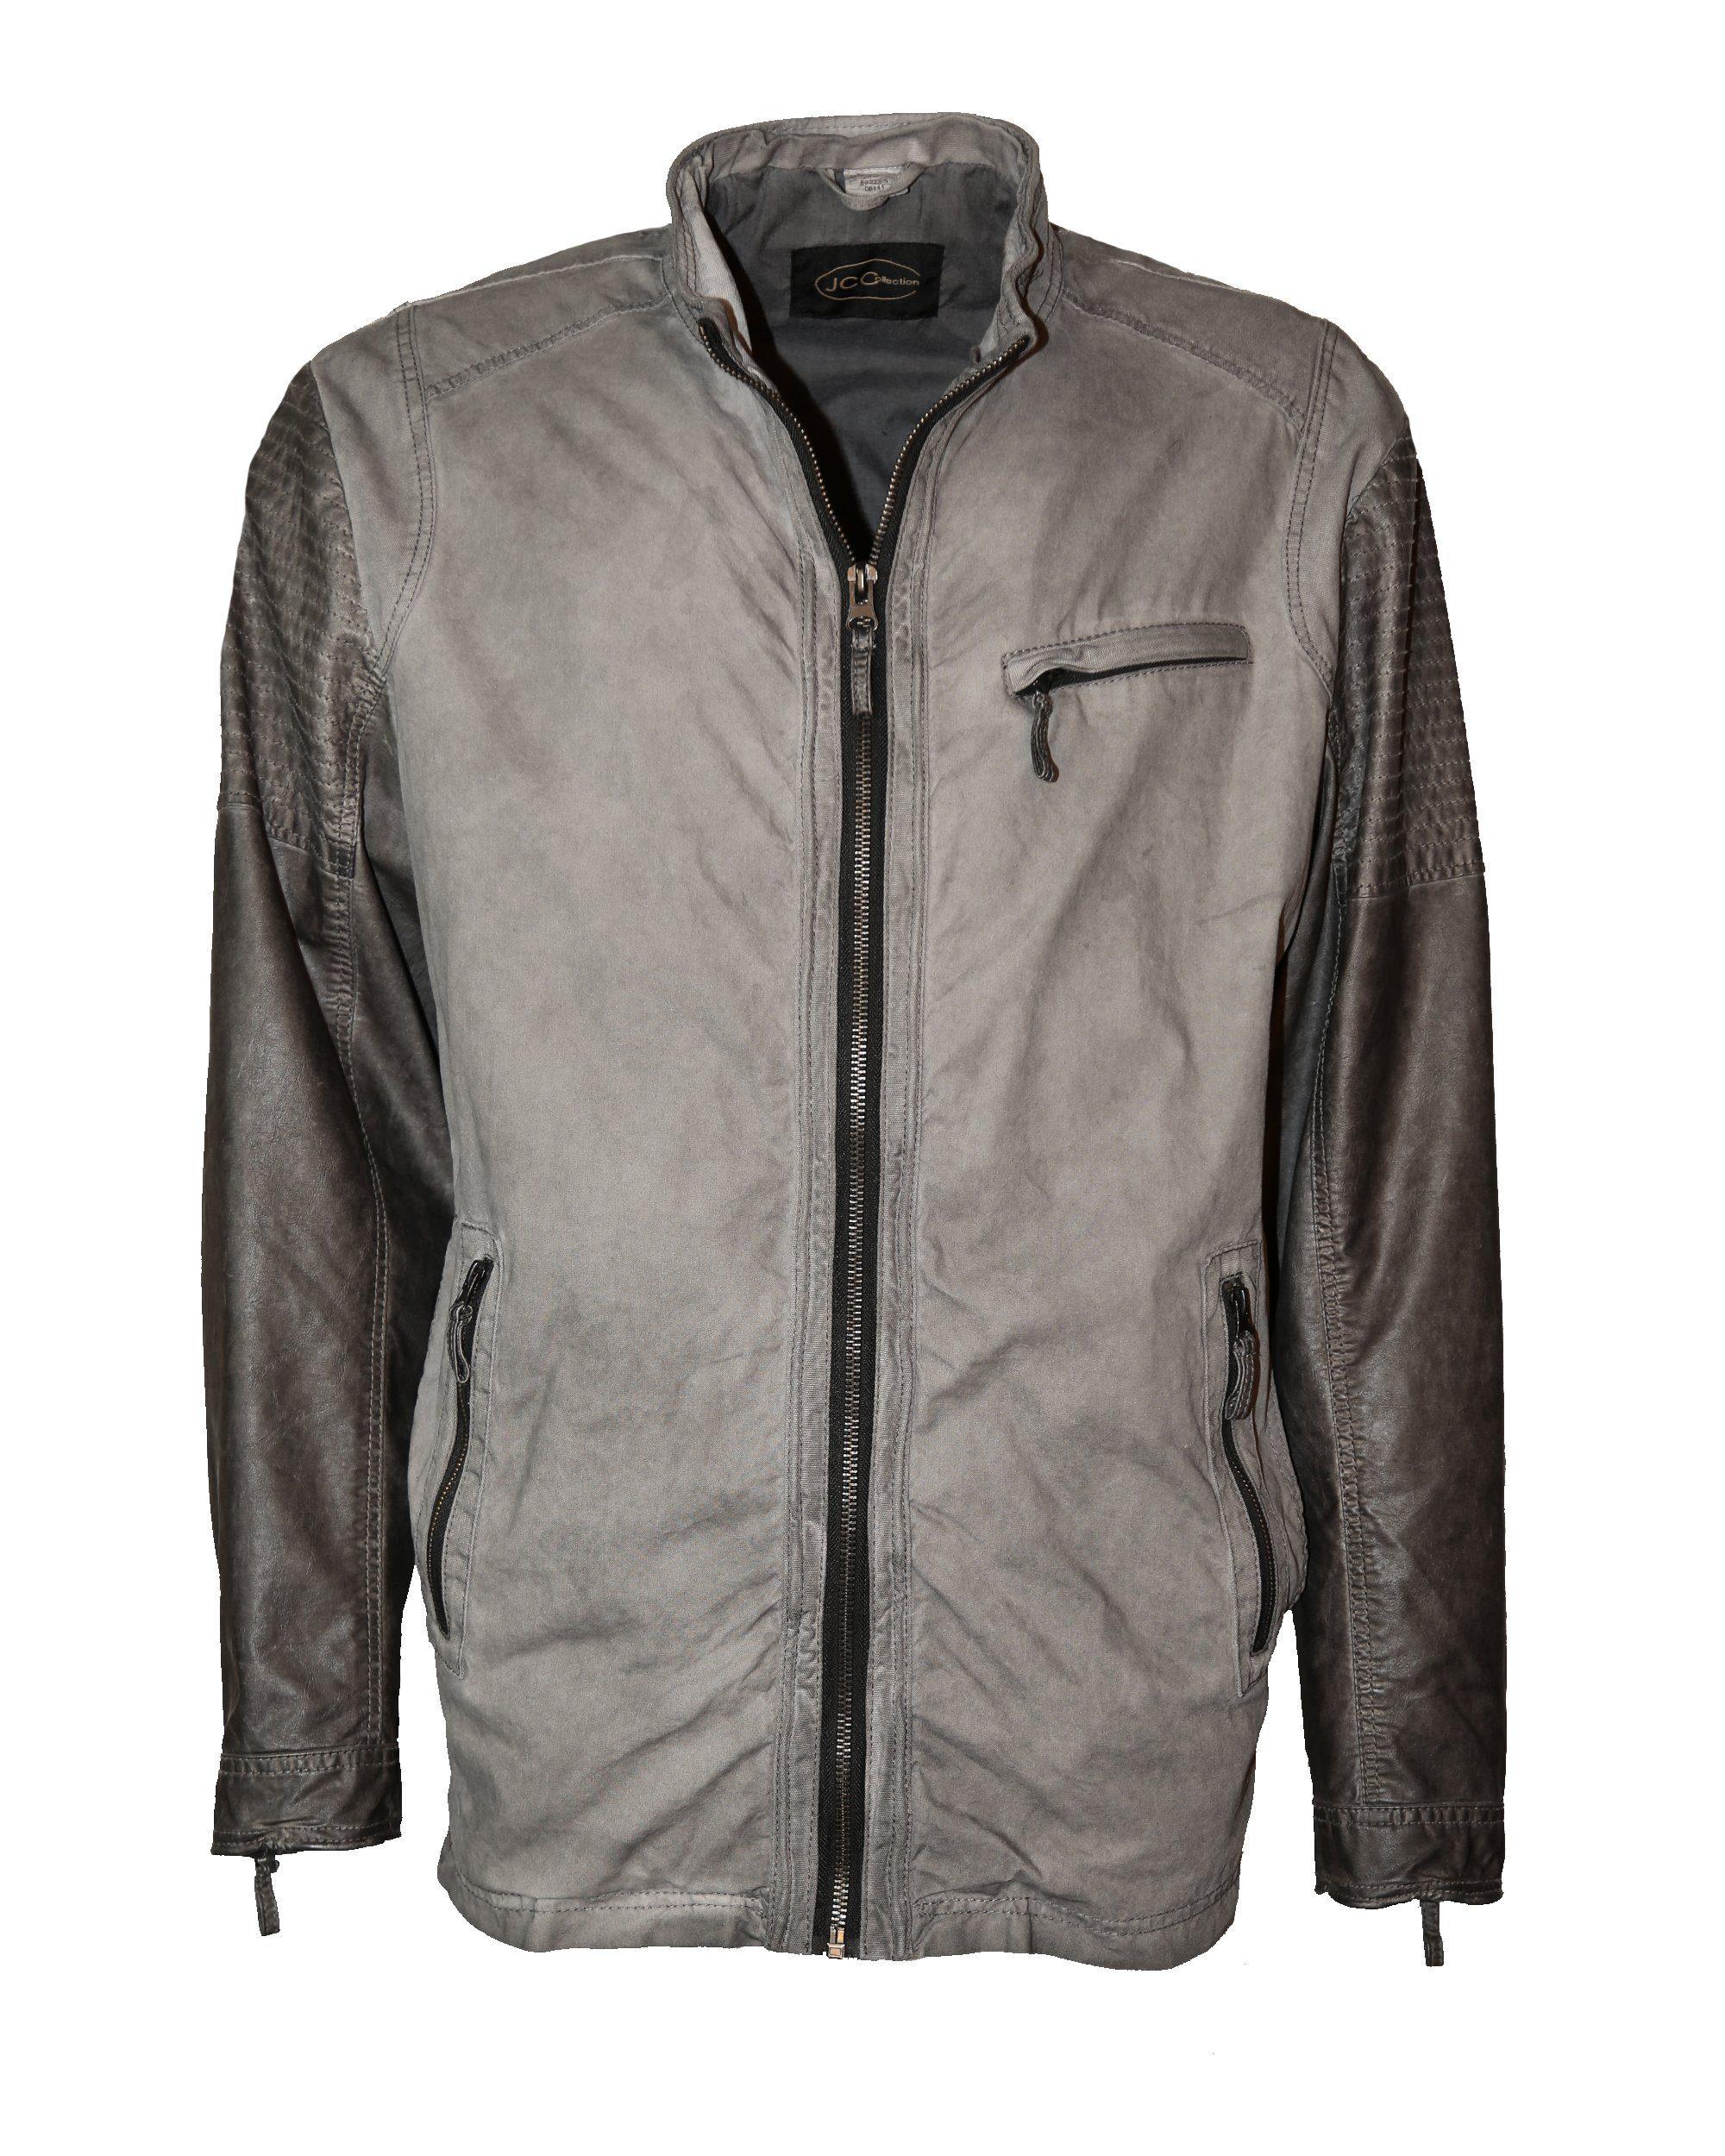 JCC Jacke im Bikerlook Barbalo | Bekleidung > Jacken > Sonstige Jacken | Grau | Baumwolle - Polyurethan - Polyester | Jcc